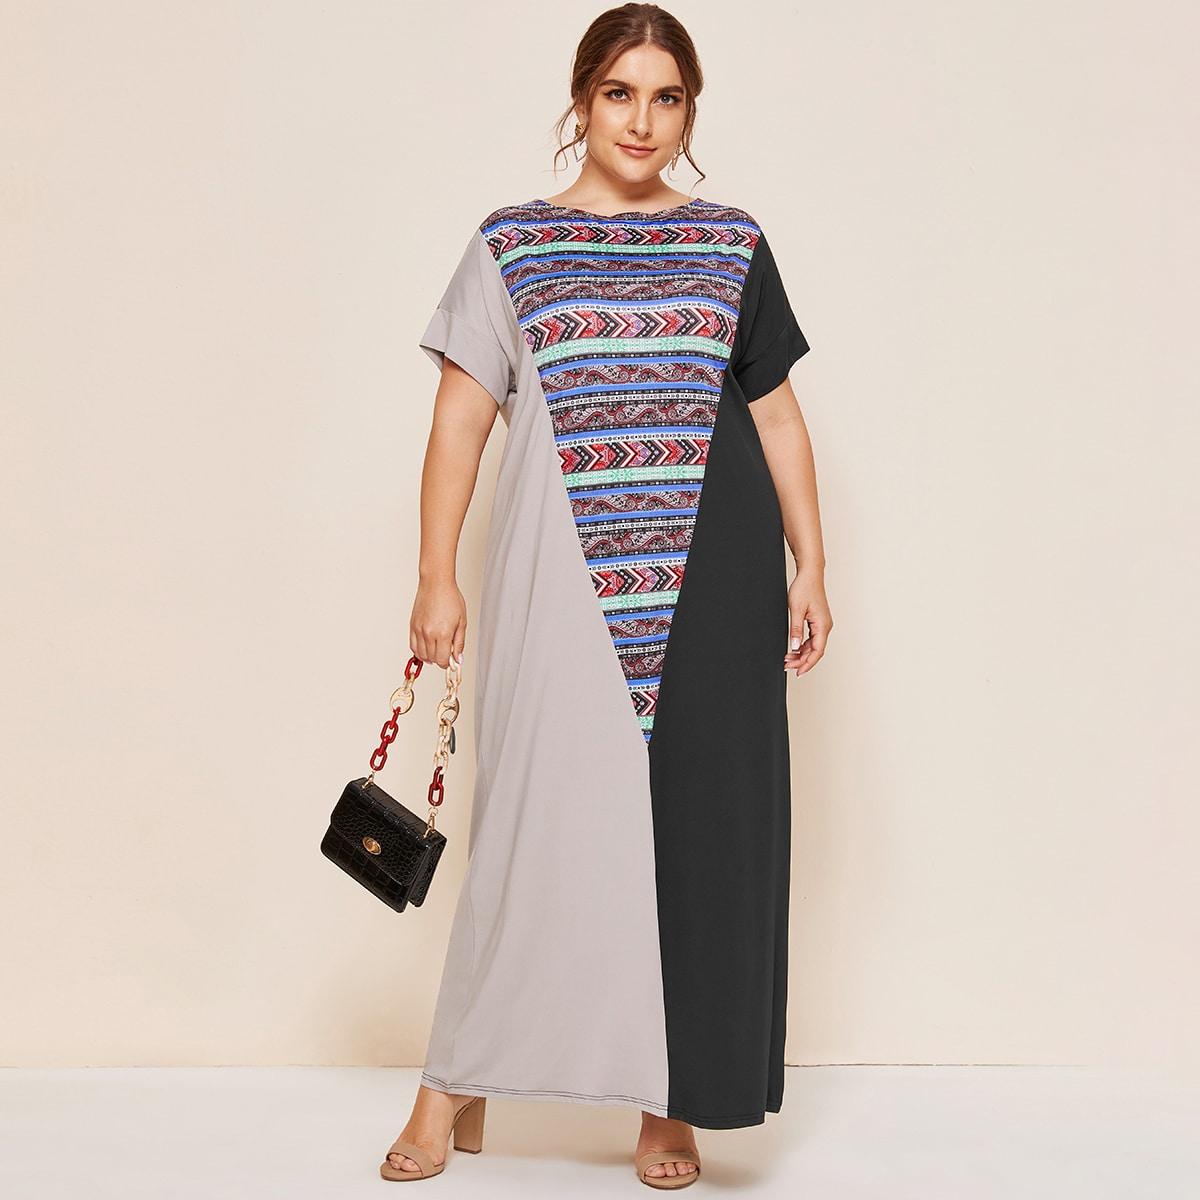 SHEIN / Große Größen - Maxi Tunika Kleid mit Farbblock und Stamm Einsatz